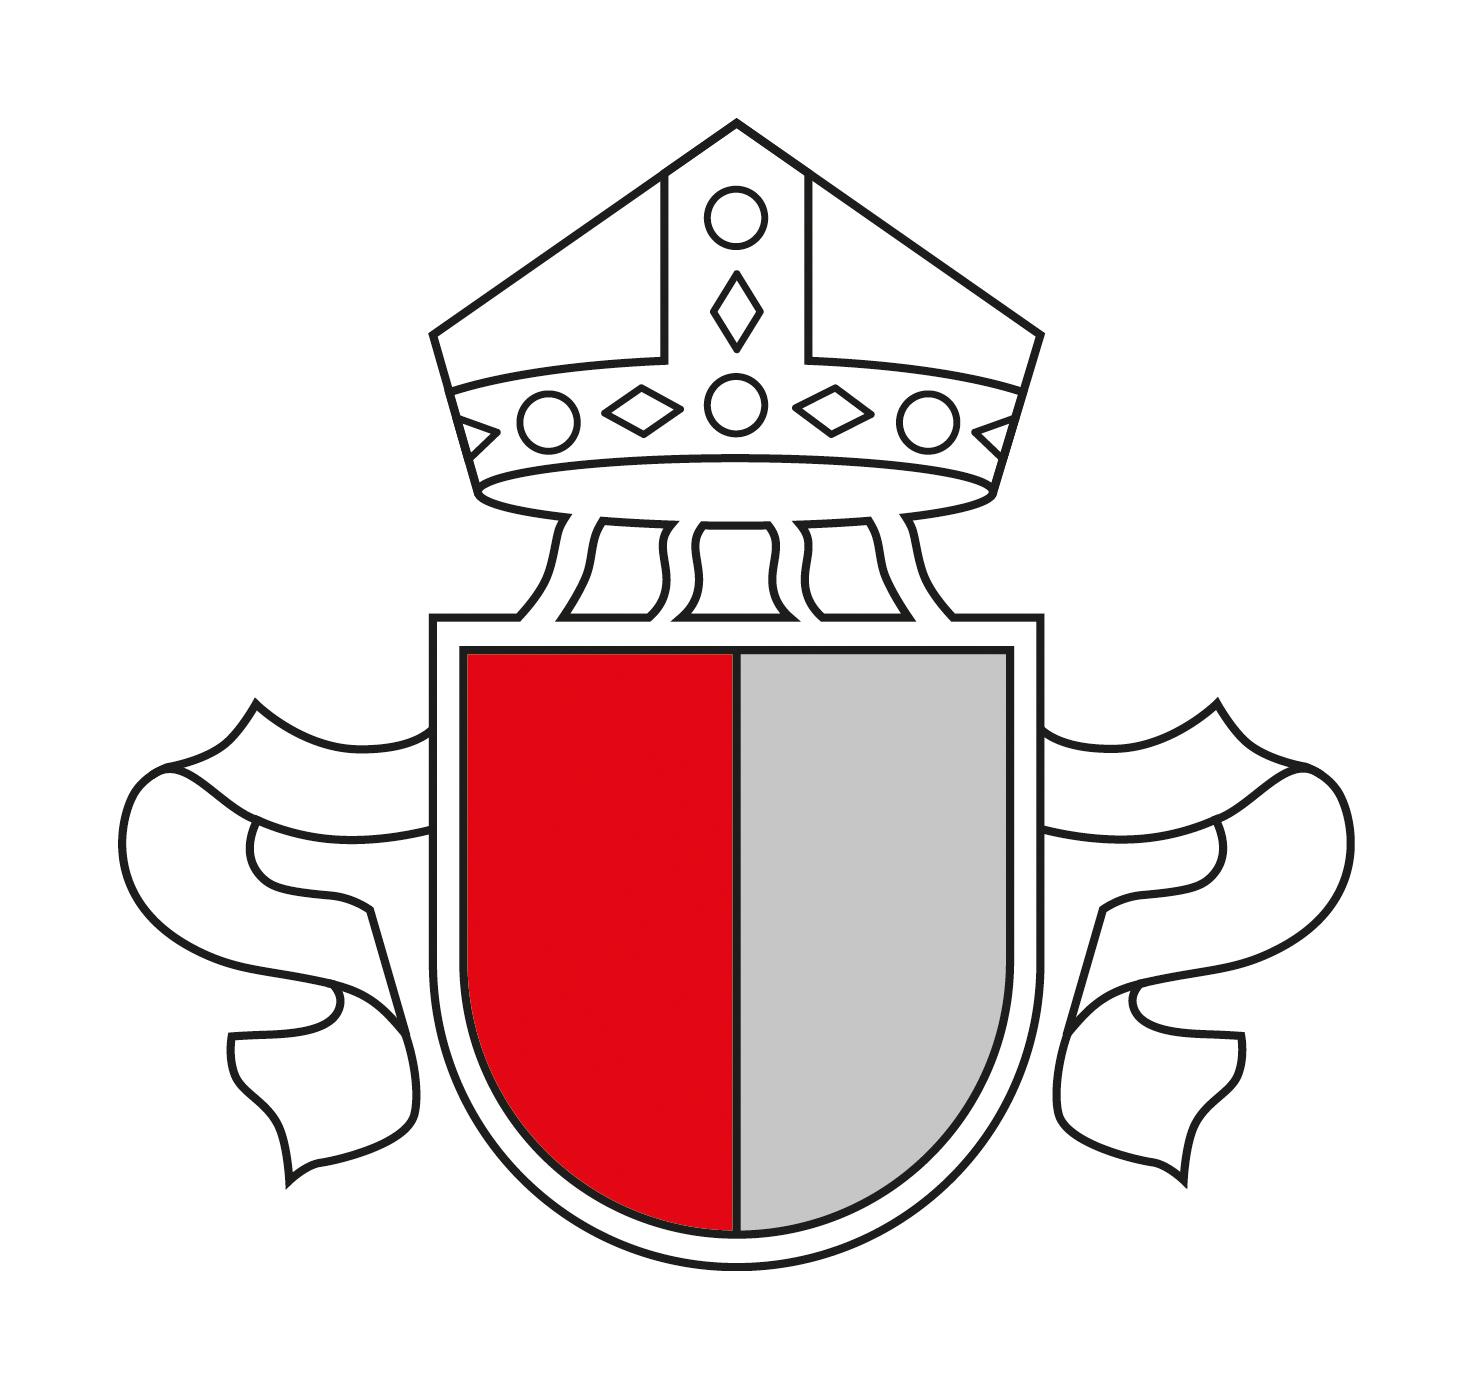 Diözese Augsburg legt Jahresabschlüsse 2017 vor